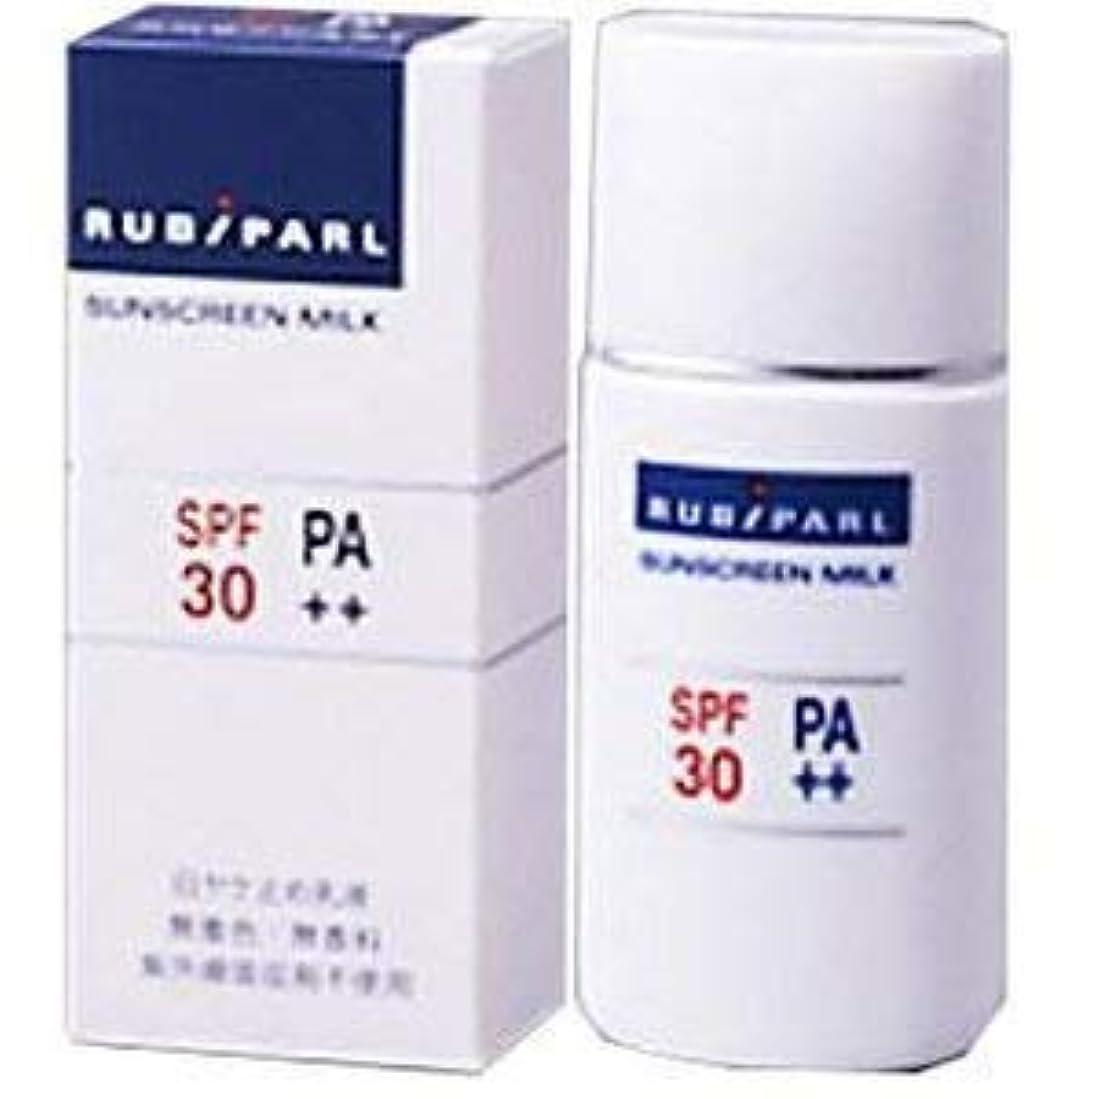 再生用量テンションルビパール サンスクリーンミルク 日ヤケ止め乳液 SPF30 PA++ 30mLx3個セット